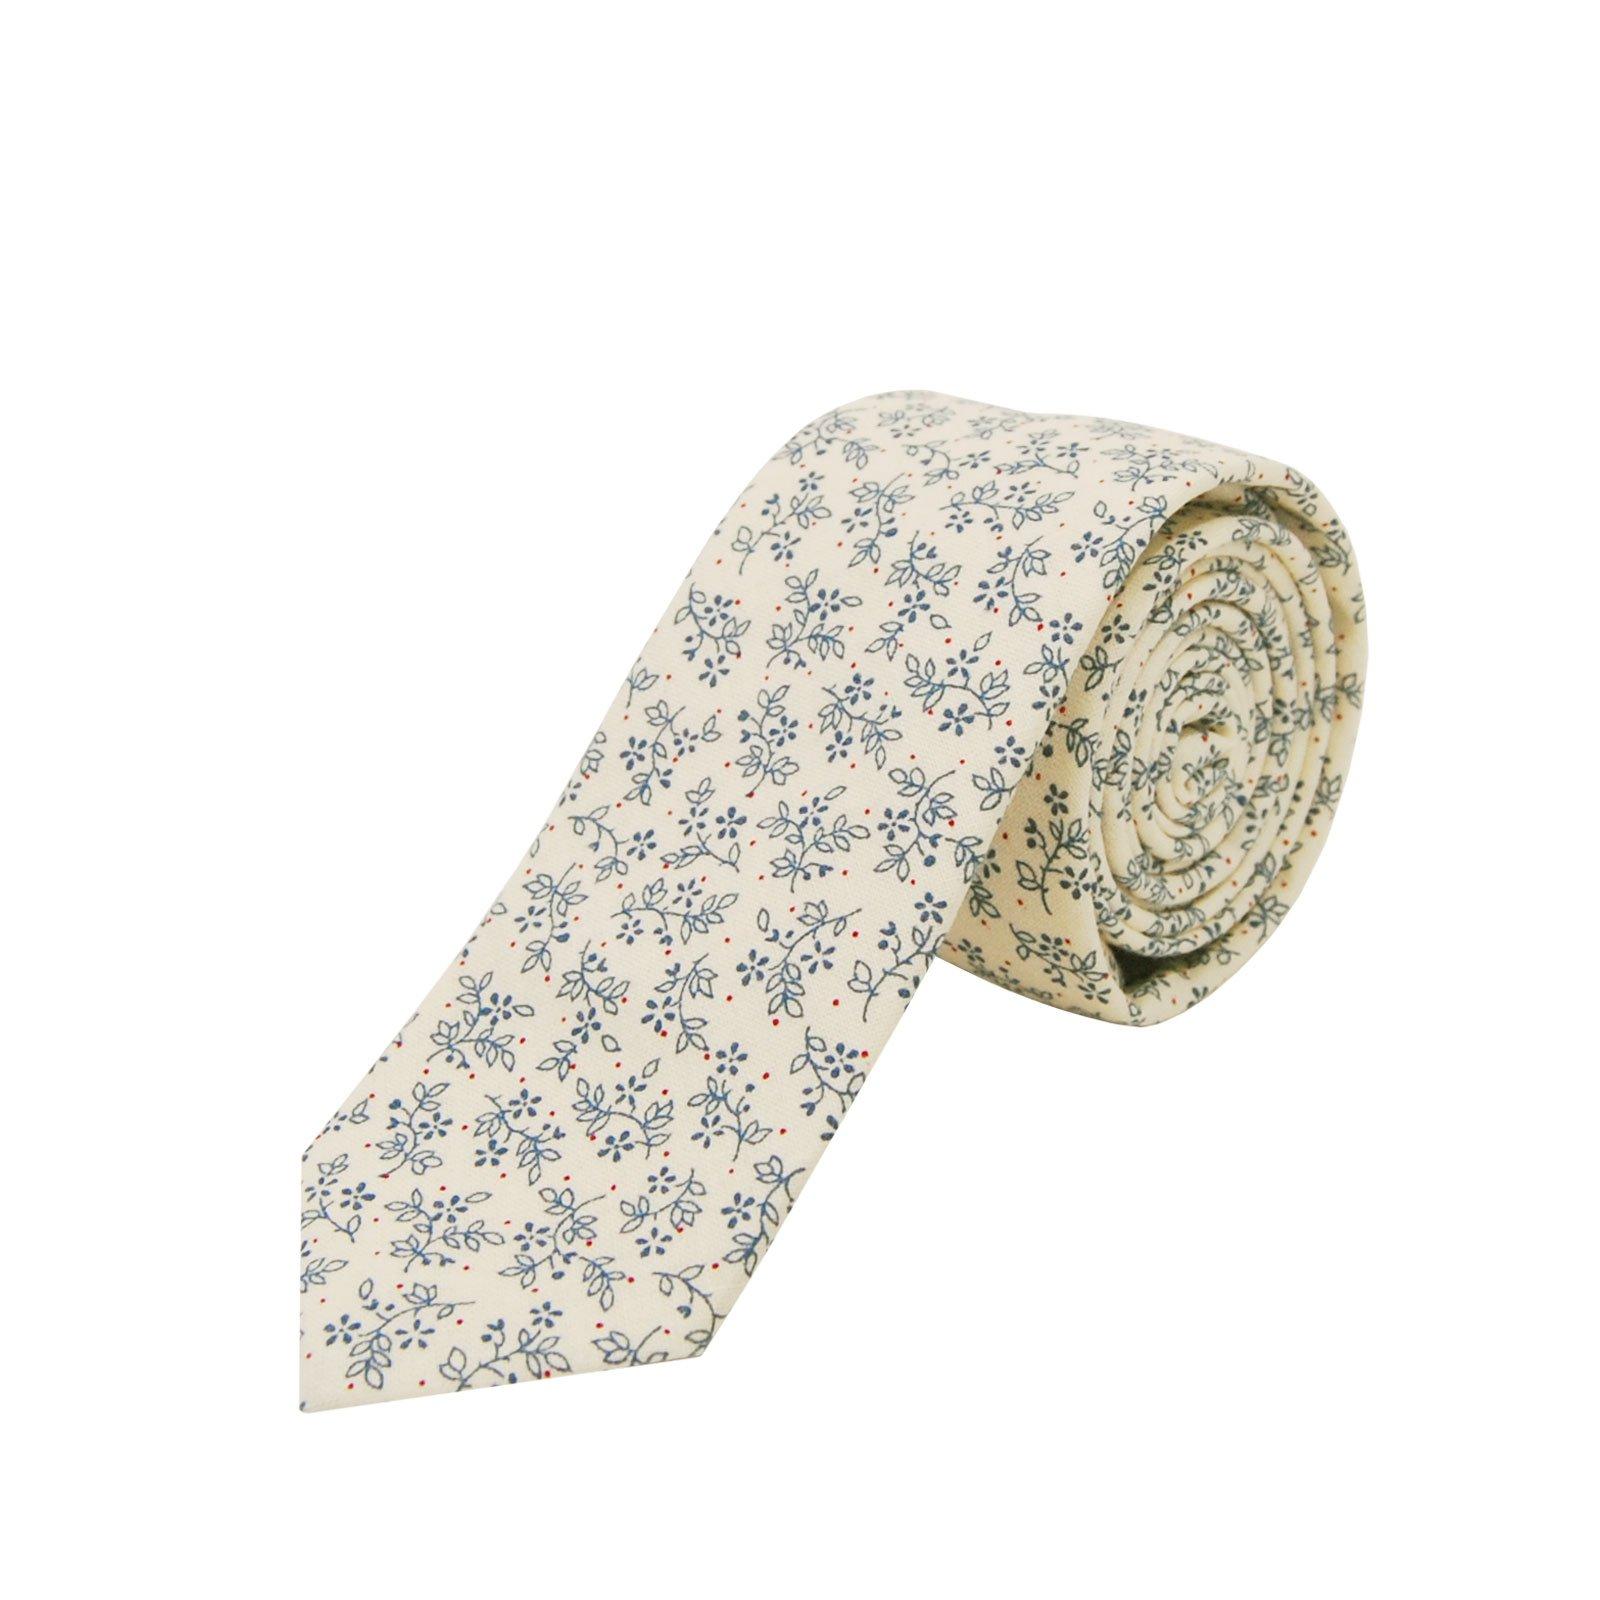 Jnjstella Men's Cotton Floral Skinny Necktie Tie (Type 8)